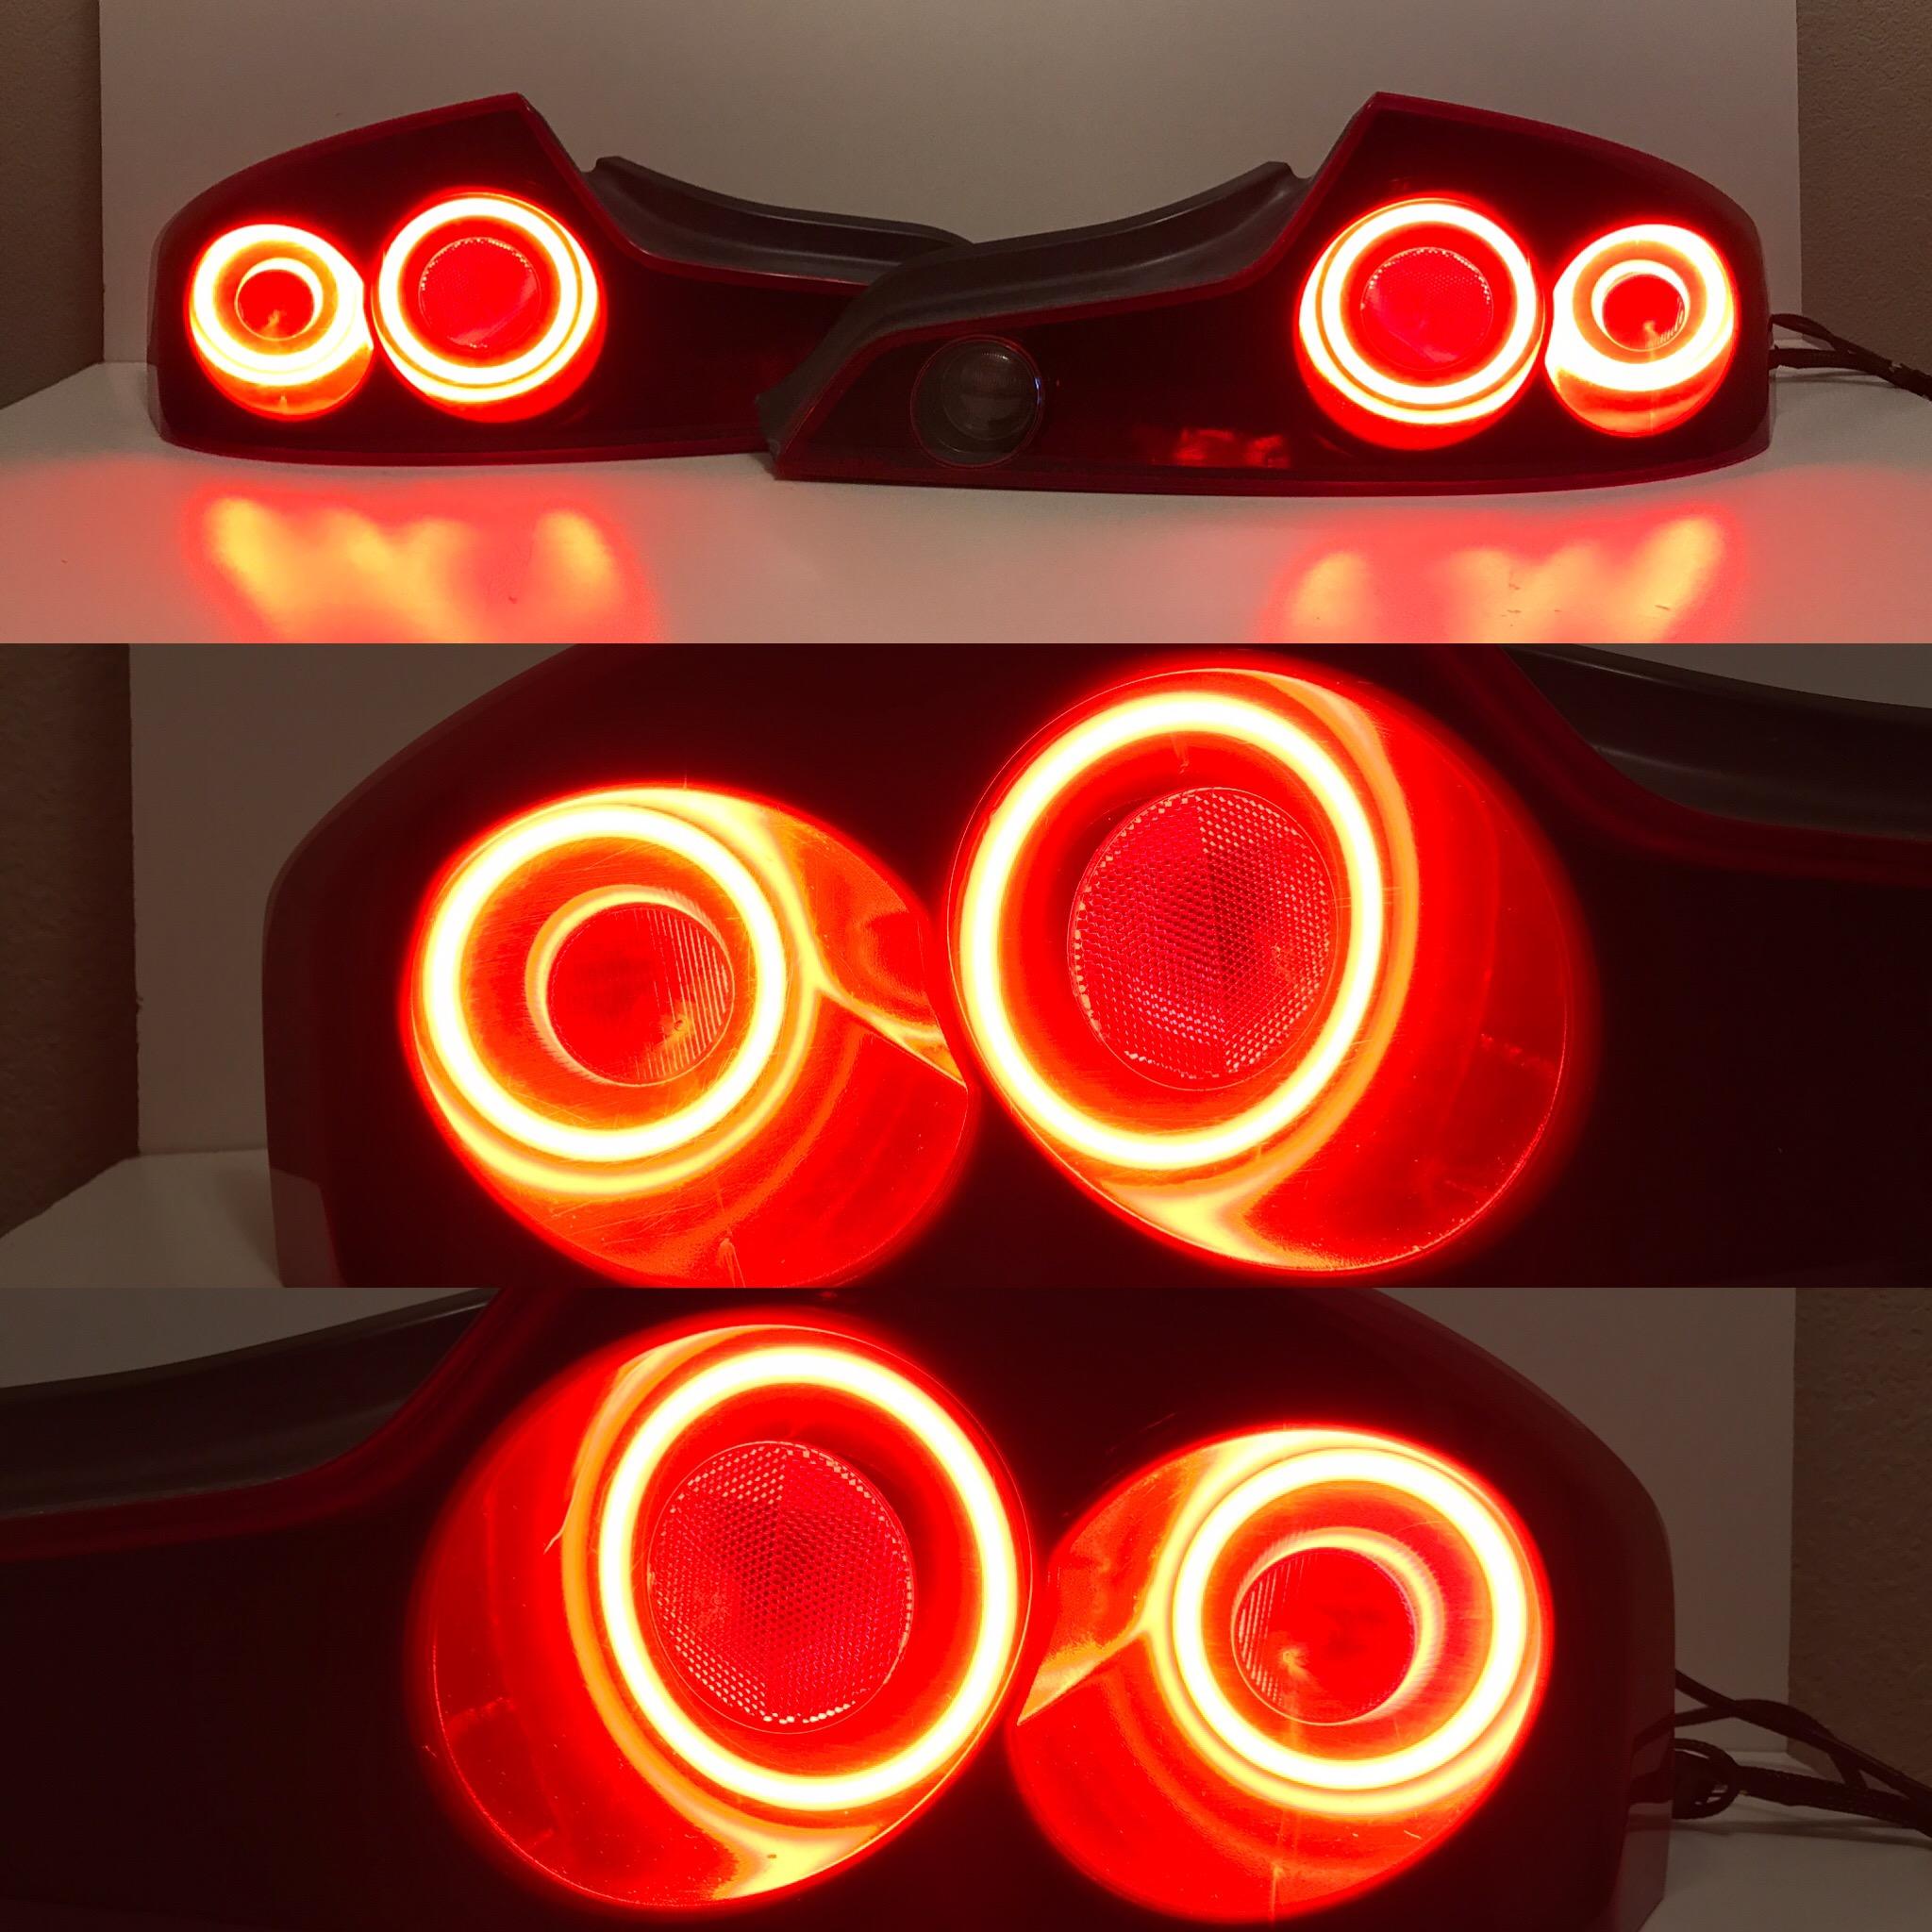 G35 Custom Taillights - Triple Function Taillight RingsIntegrated Running Light, Brake Light, Turn Signal